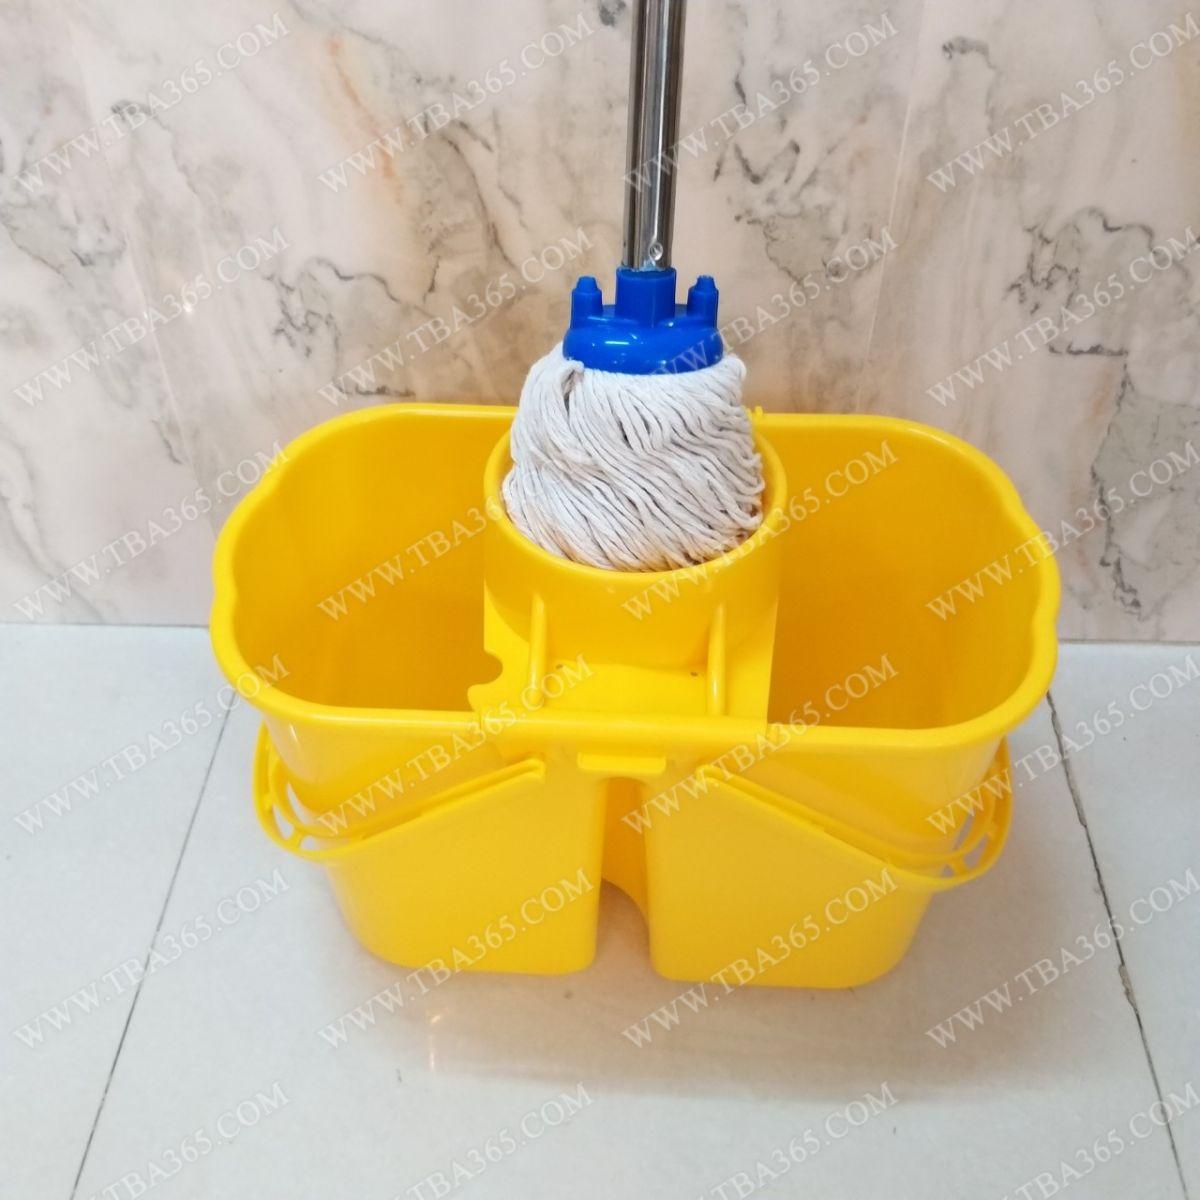 Thao tác vắt khô với xô vắt móp nước kiểu mới